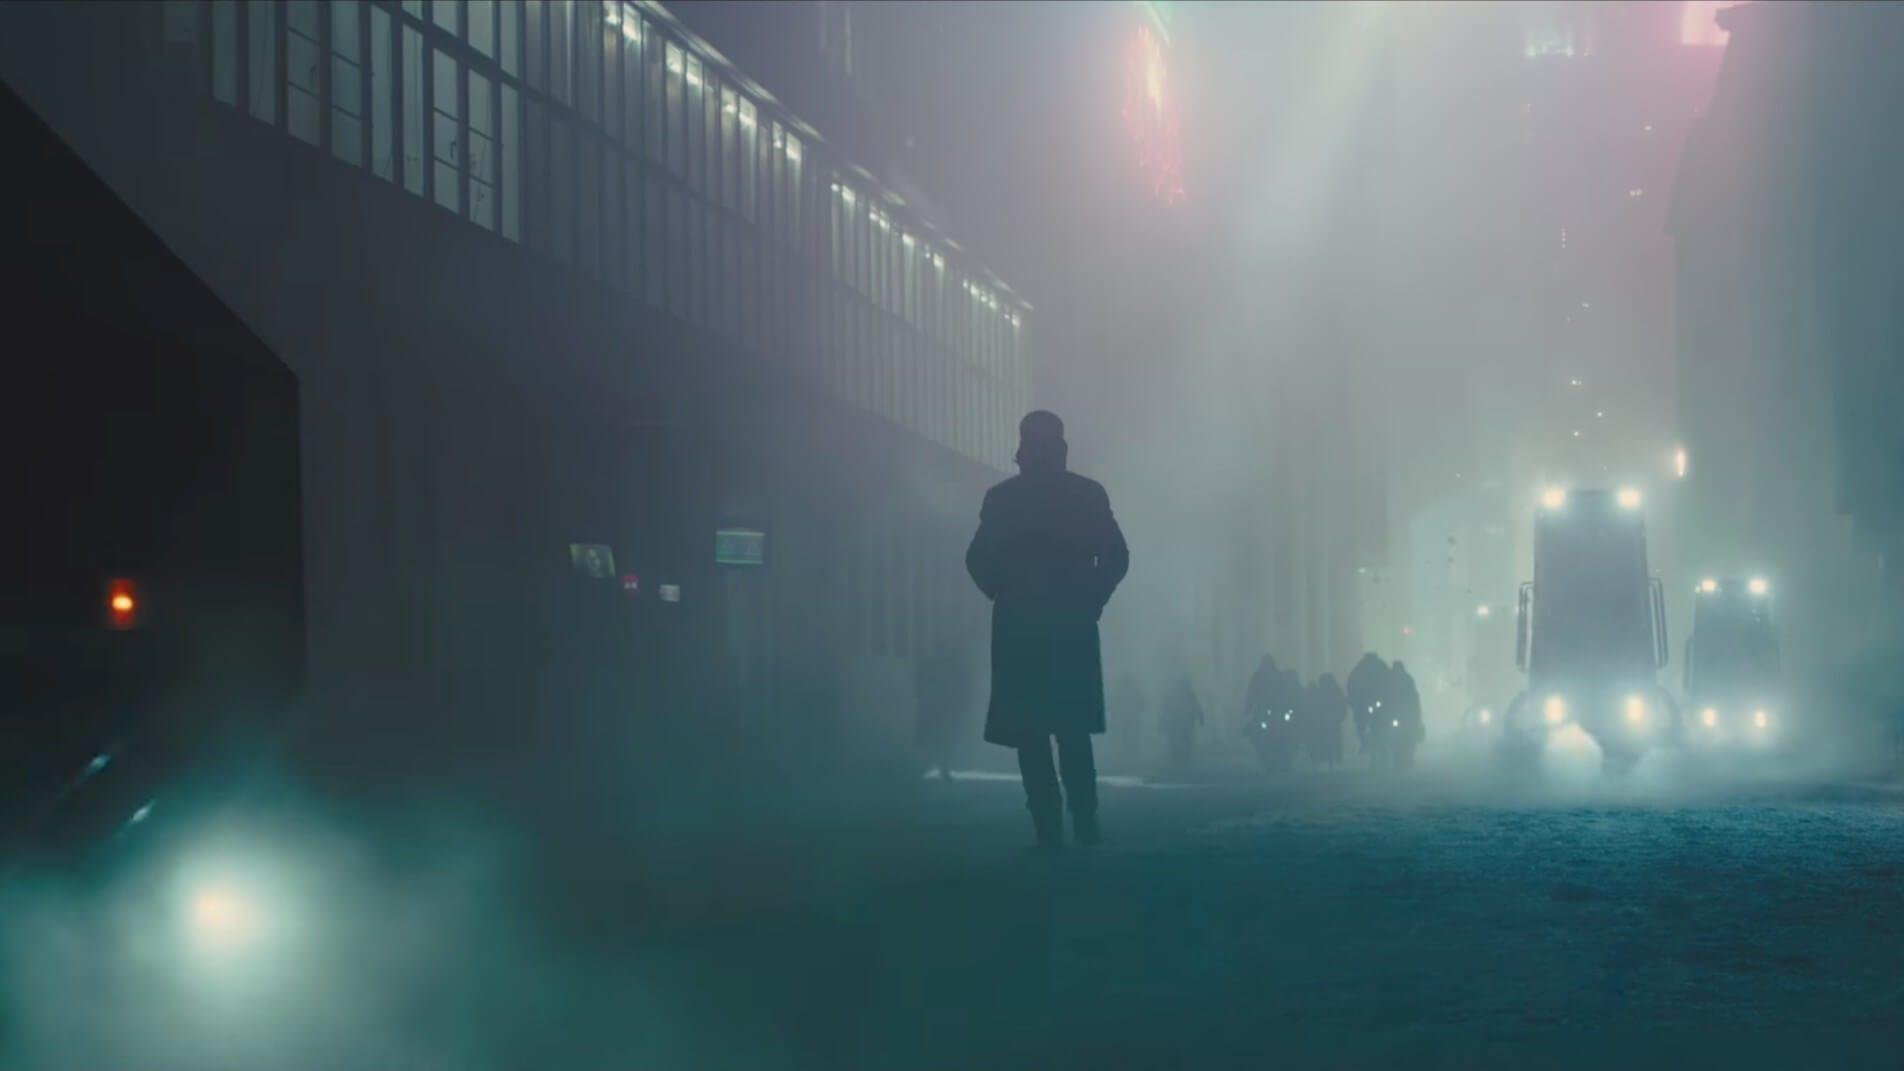 Film- Blade Runner